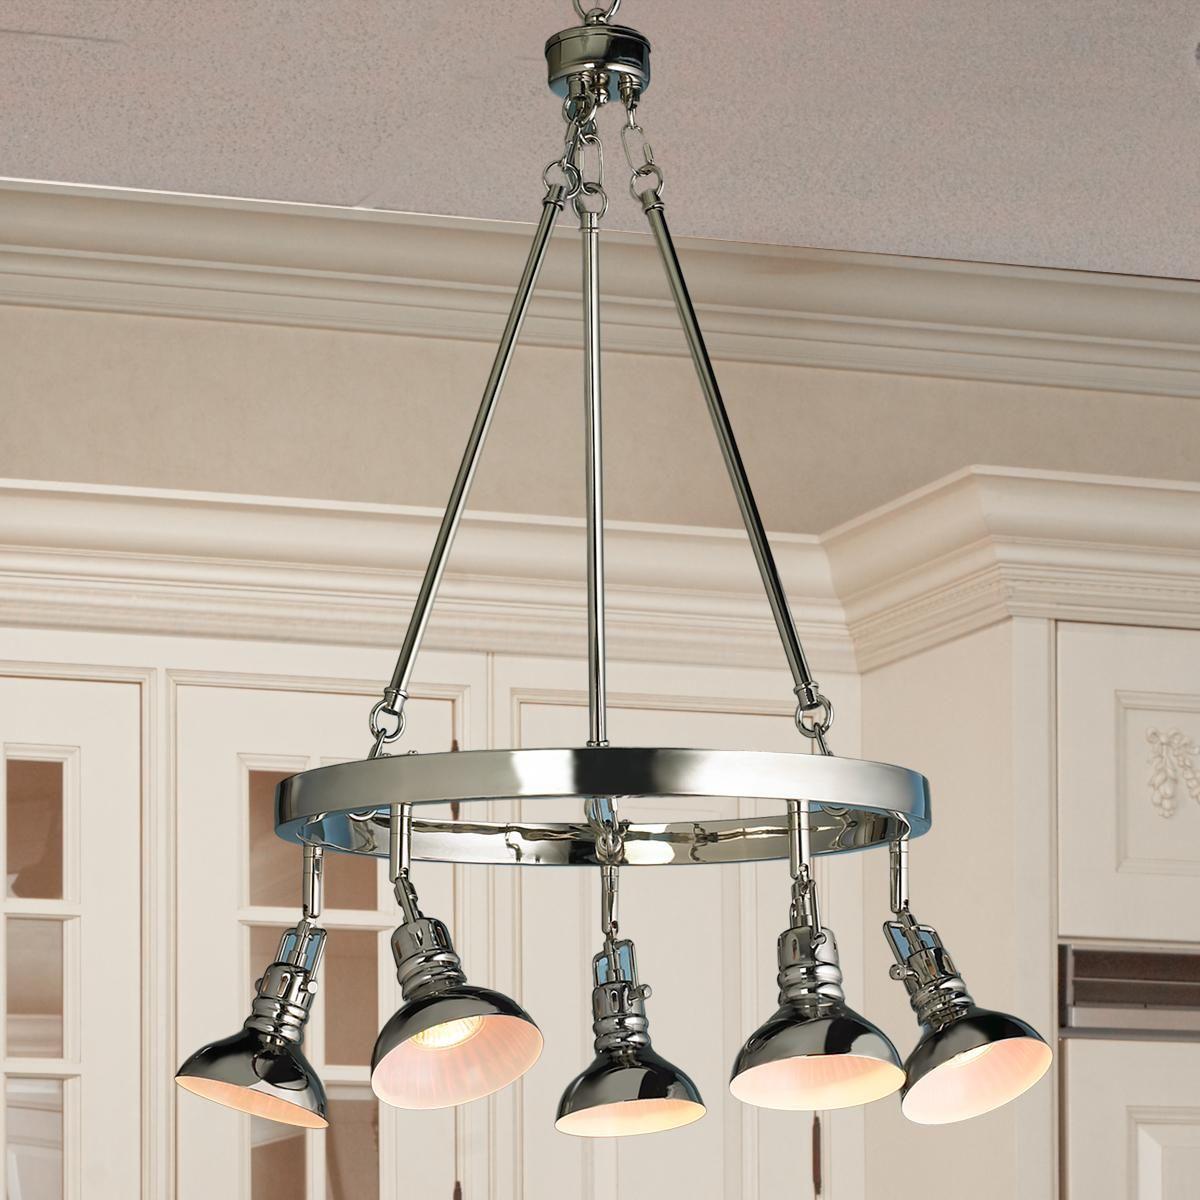 Pullman Downlight Chandelier- love this one! | Kitchen Remodel Ideas ...